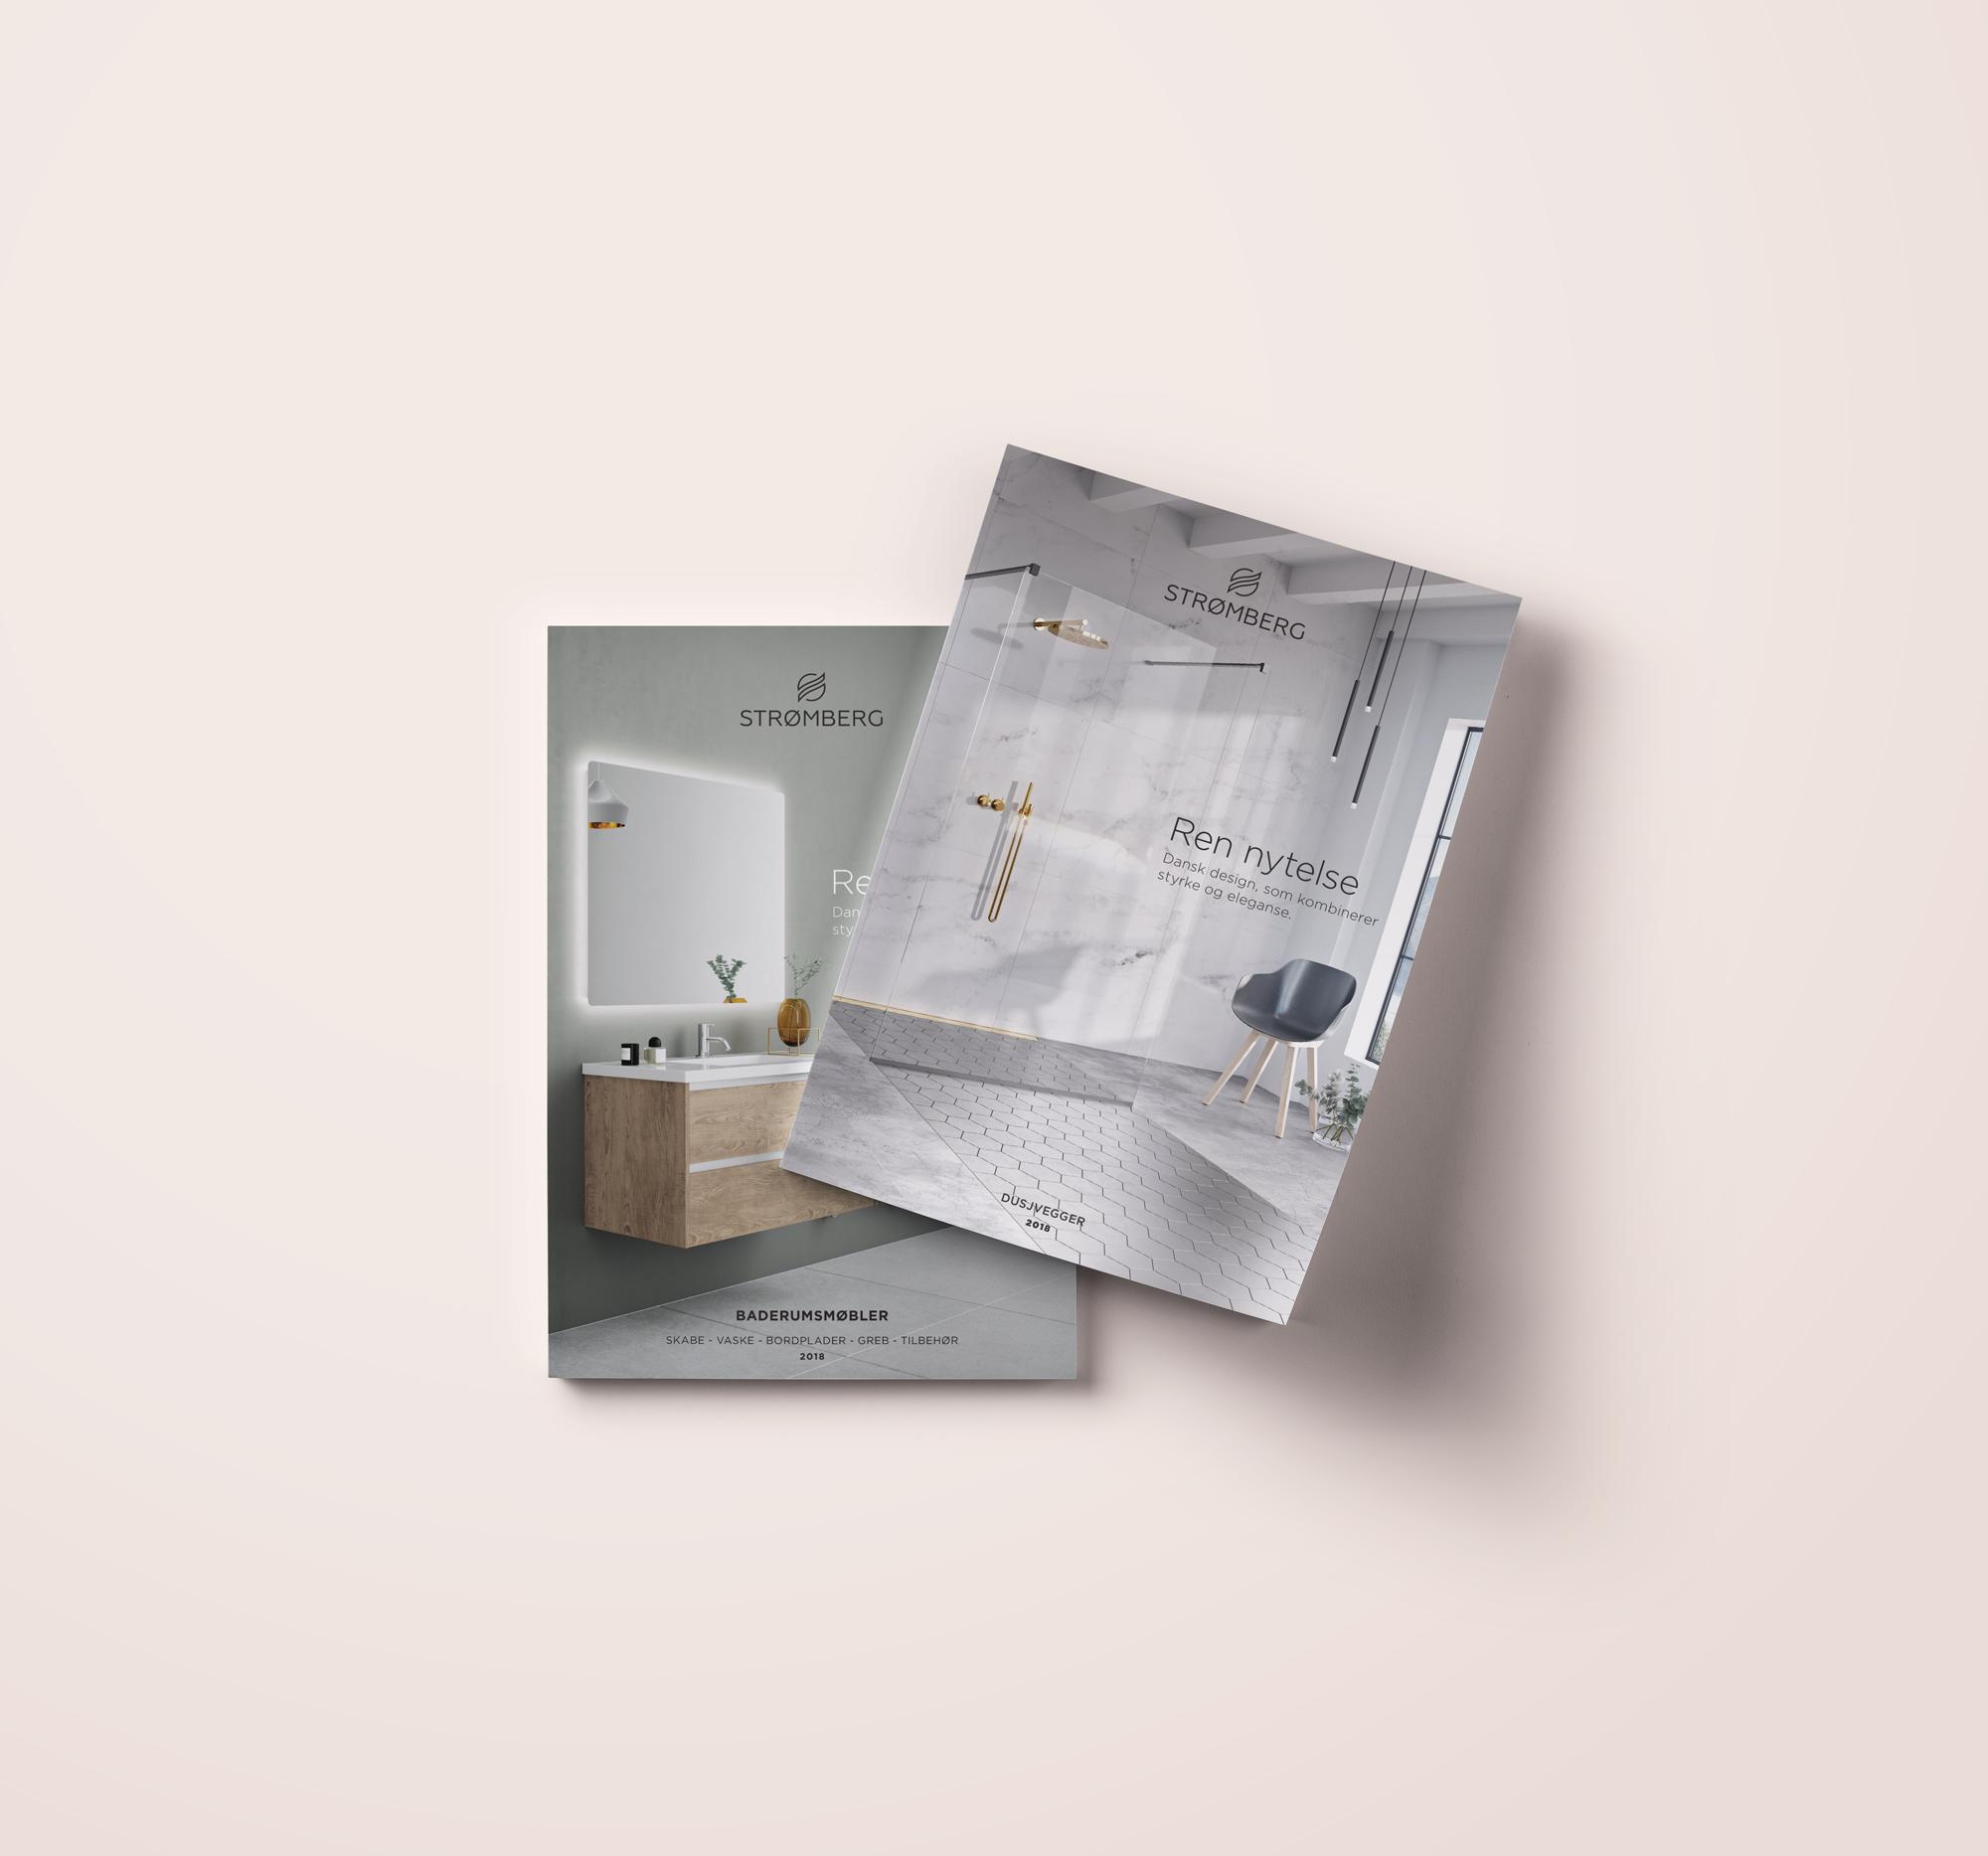 Dusj- og baderomsmøbel katalog 2018